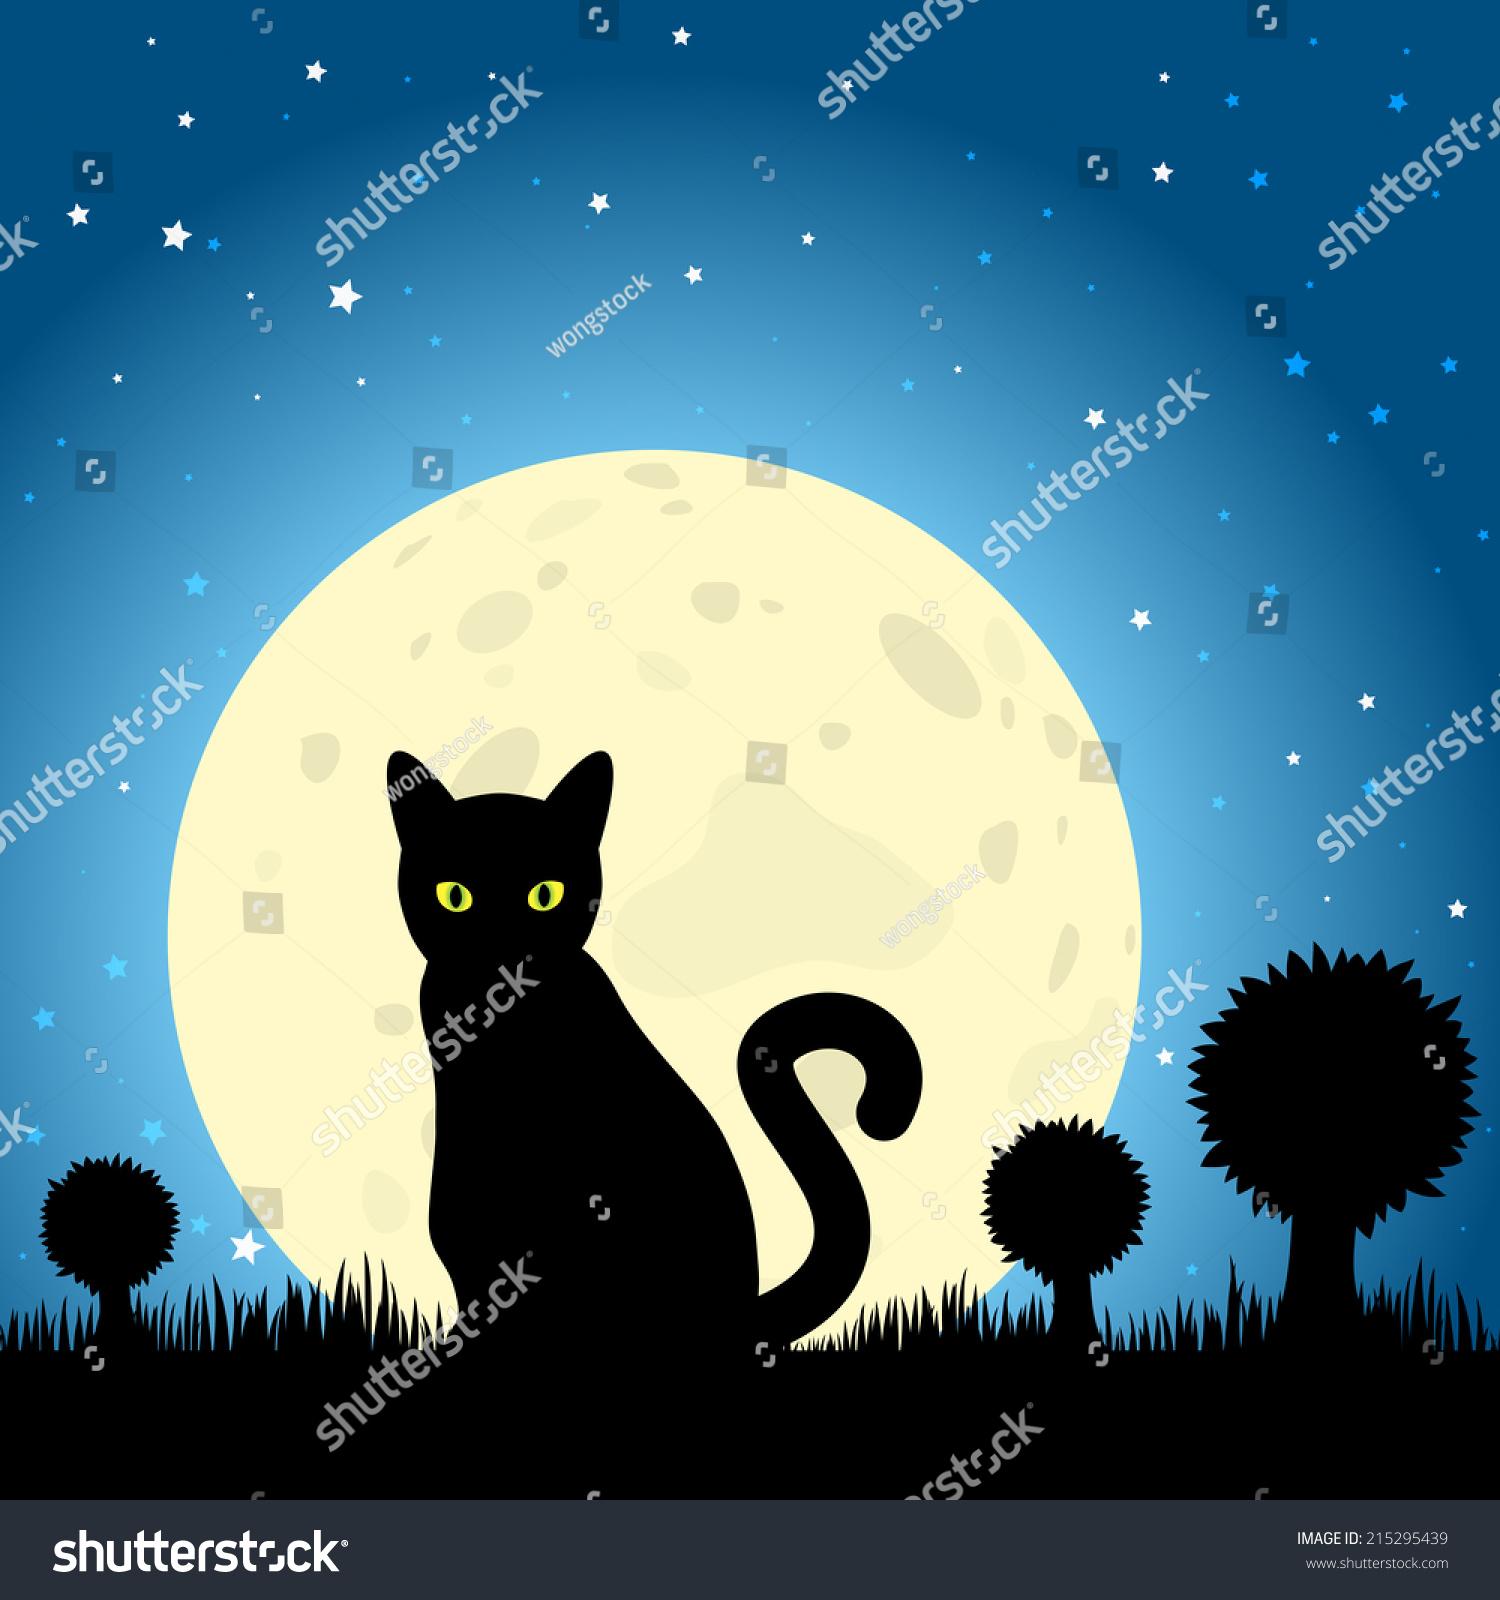 万圣节黑猫轮廓对月亮的夜空.eps10向量-动物/野生